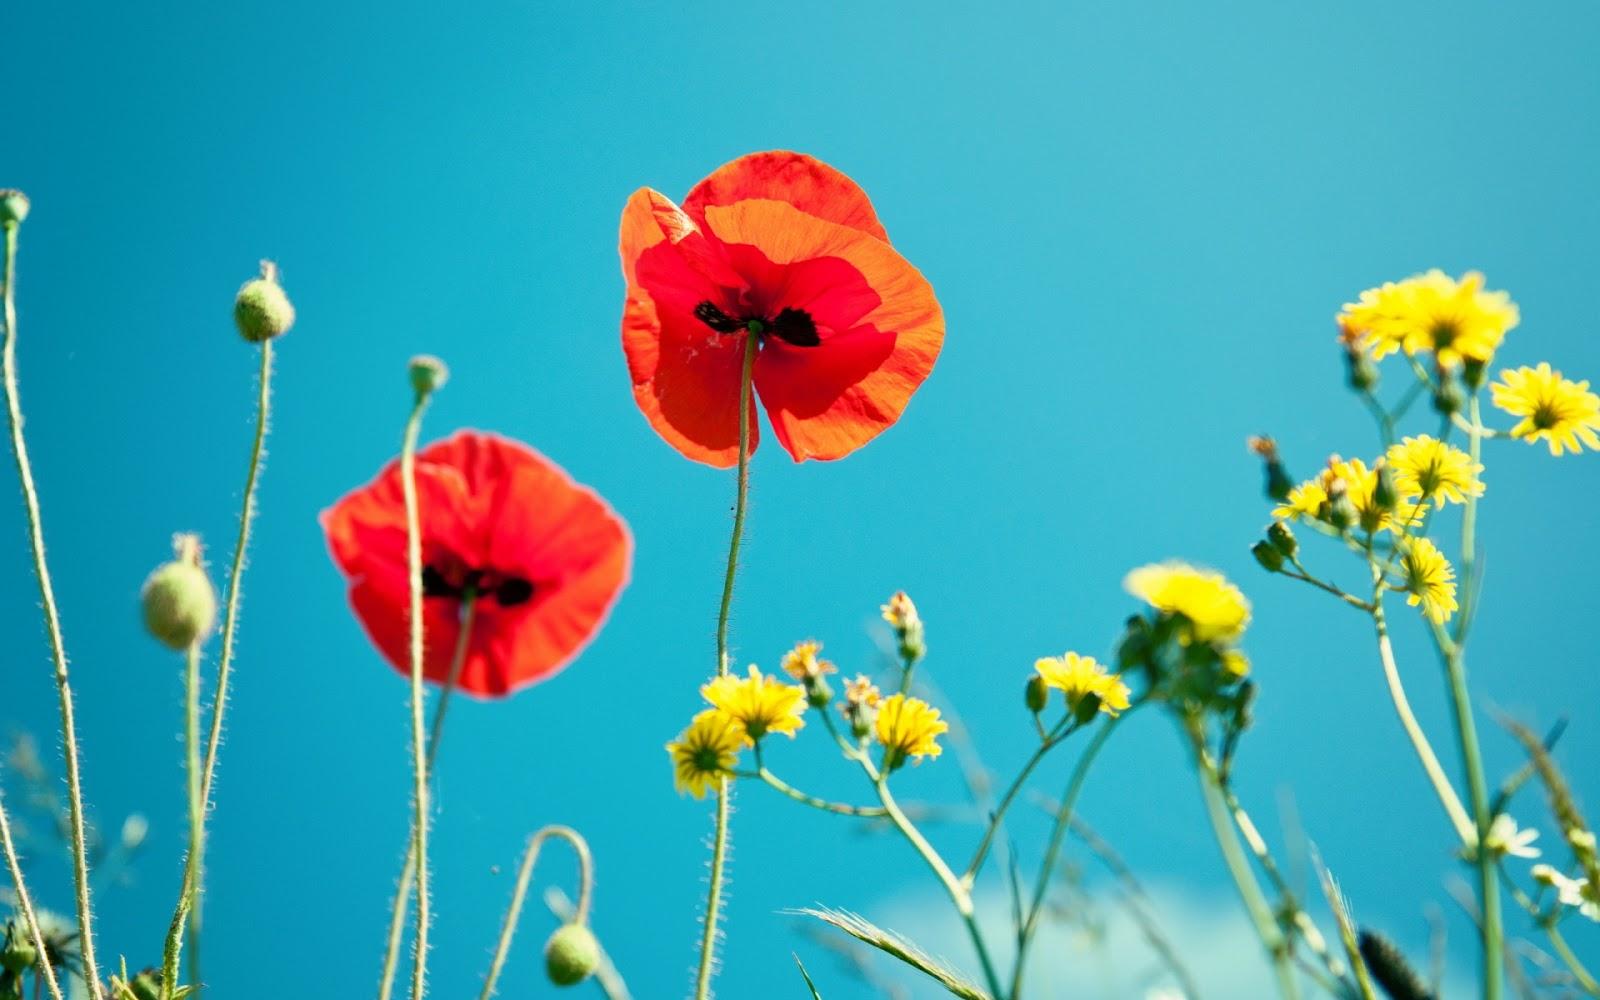 Bien connu Les Plus Beau Fond Ecran Fleurs | Fond Ecran Pc JF97